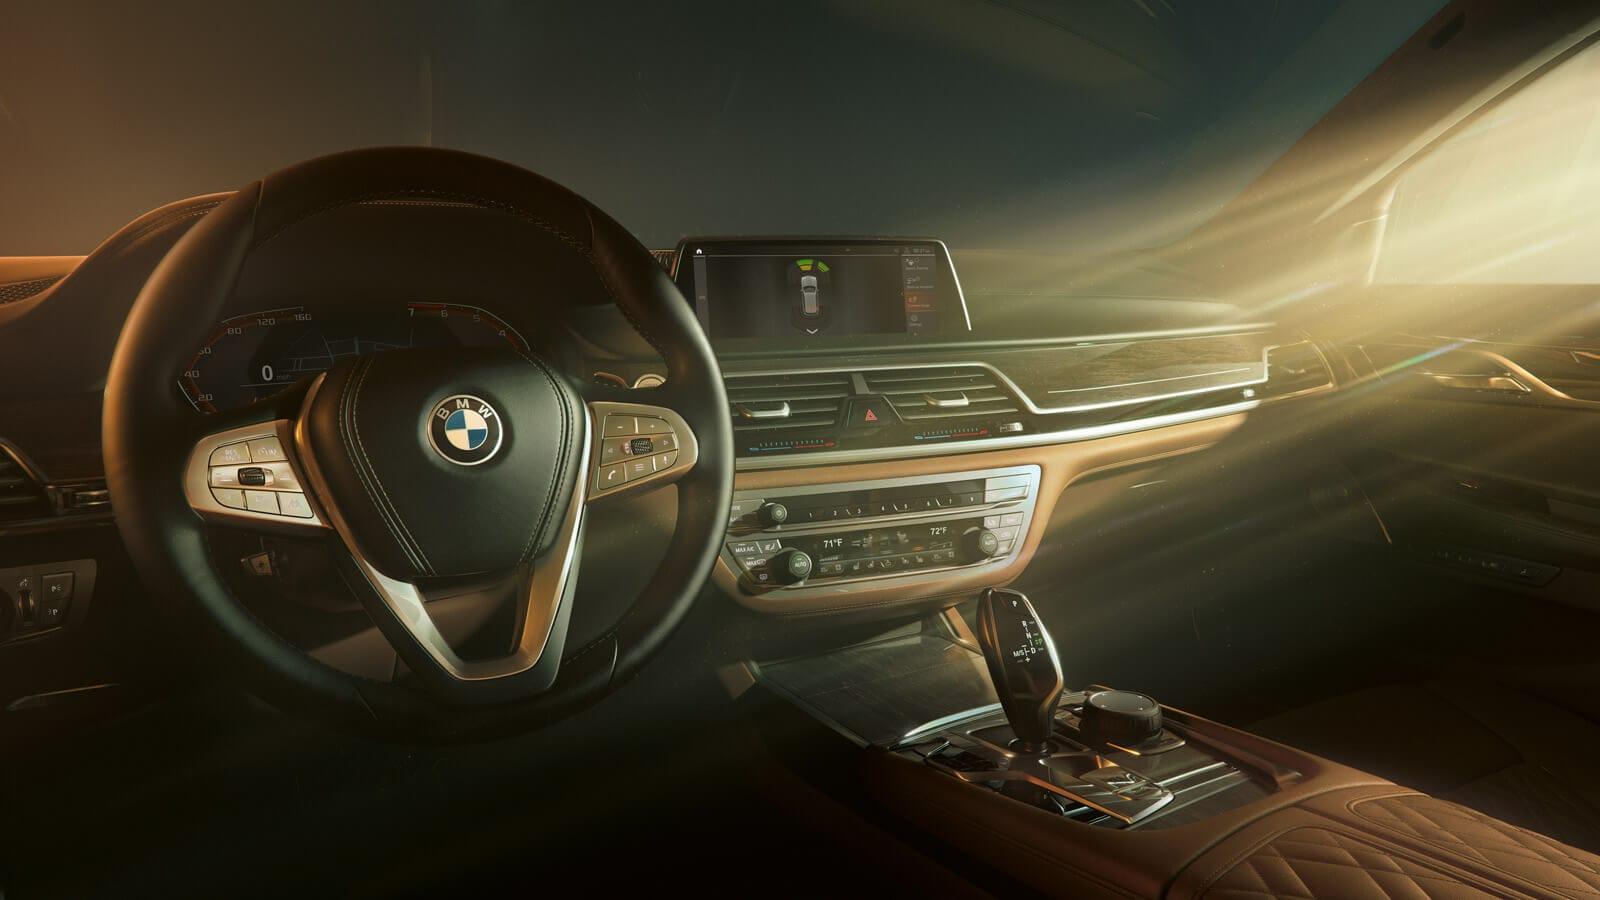 BMW 730Ld/745Le xDrive M Sport